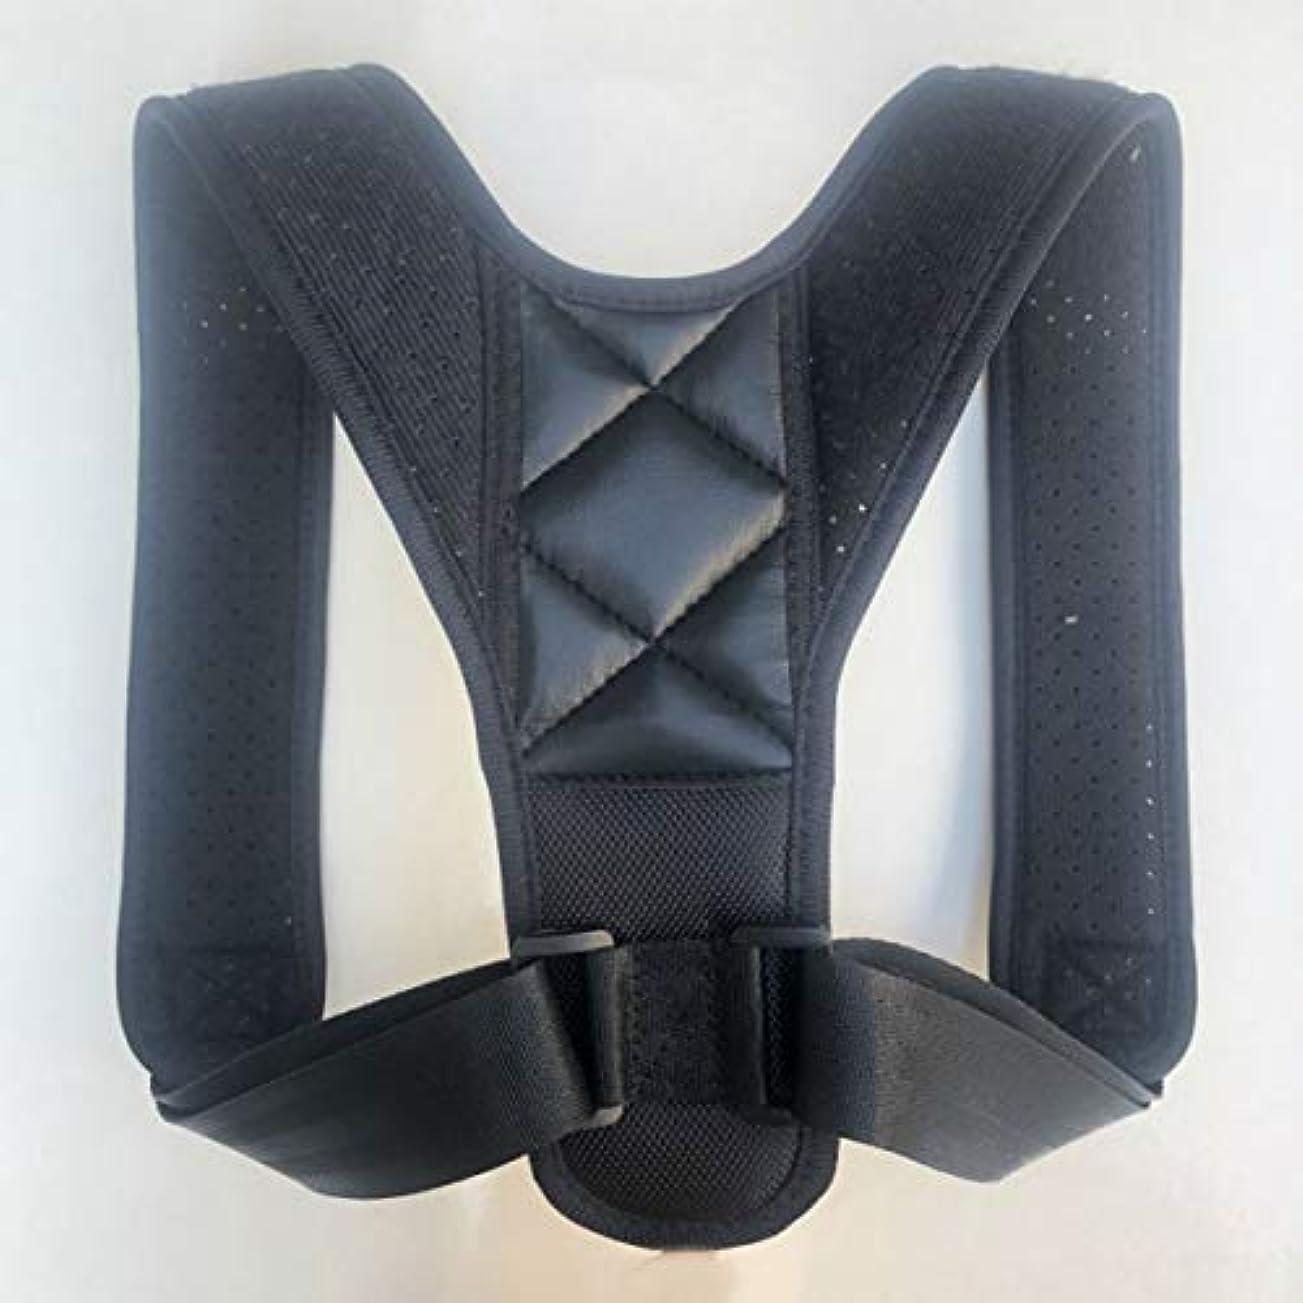 アラビア語本当のことを言うと操作アッパーバックポスチャーコレクター姿勢鎖骨サポートコレクターバックストレートショルダーブレースストラップコレクター - ブラック